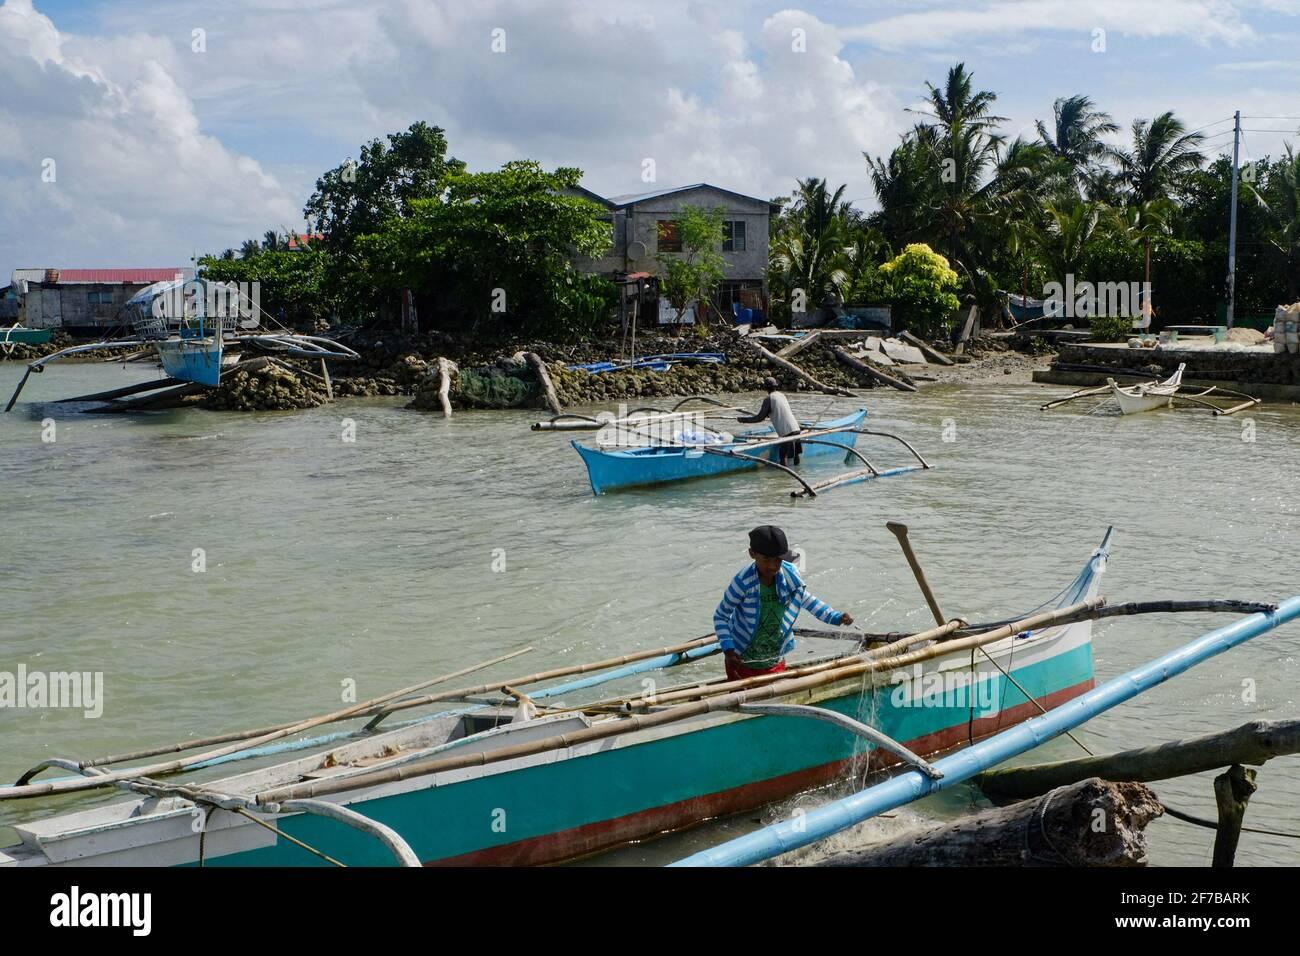 Pescadores trabajando en sus barcos en Trinidad, Guyuan Samar Oriental. La pesca es uno de los principales medios de subsistencia de esta provincia. Filipinas. Foto de stock